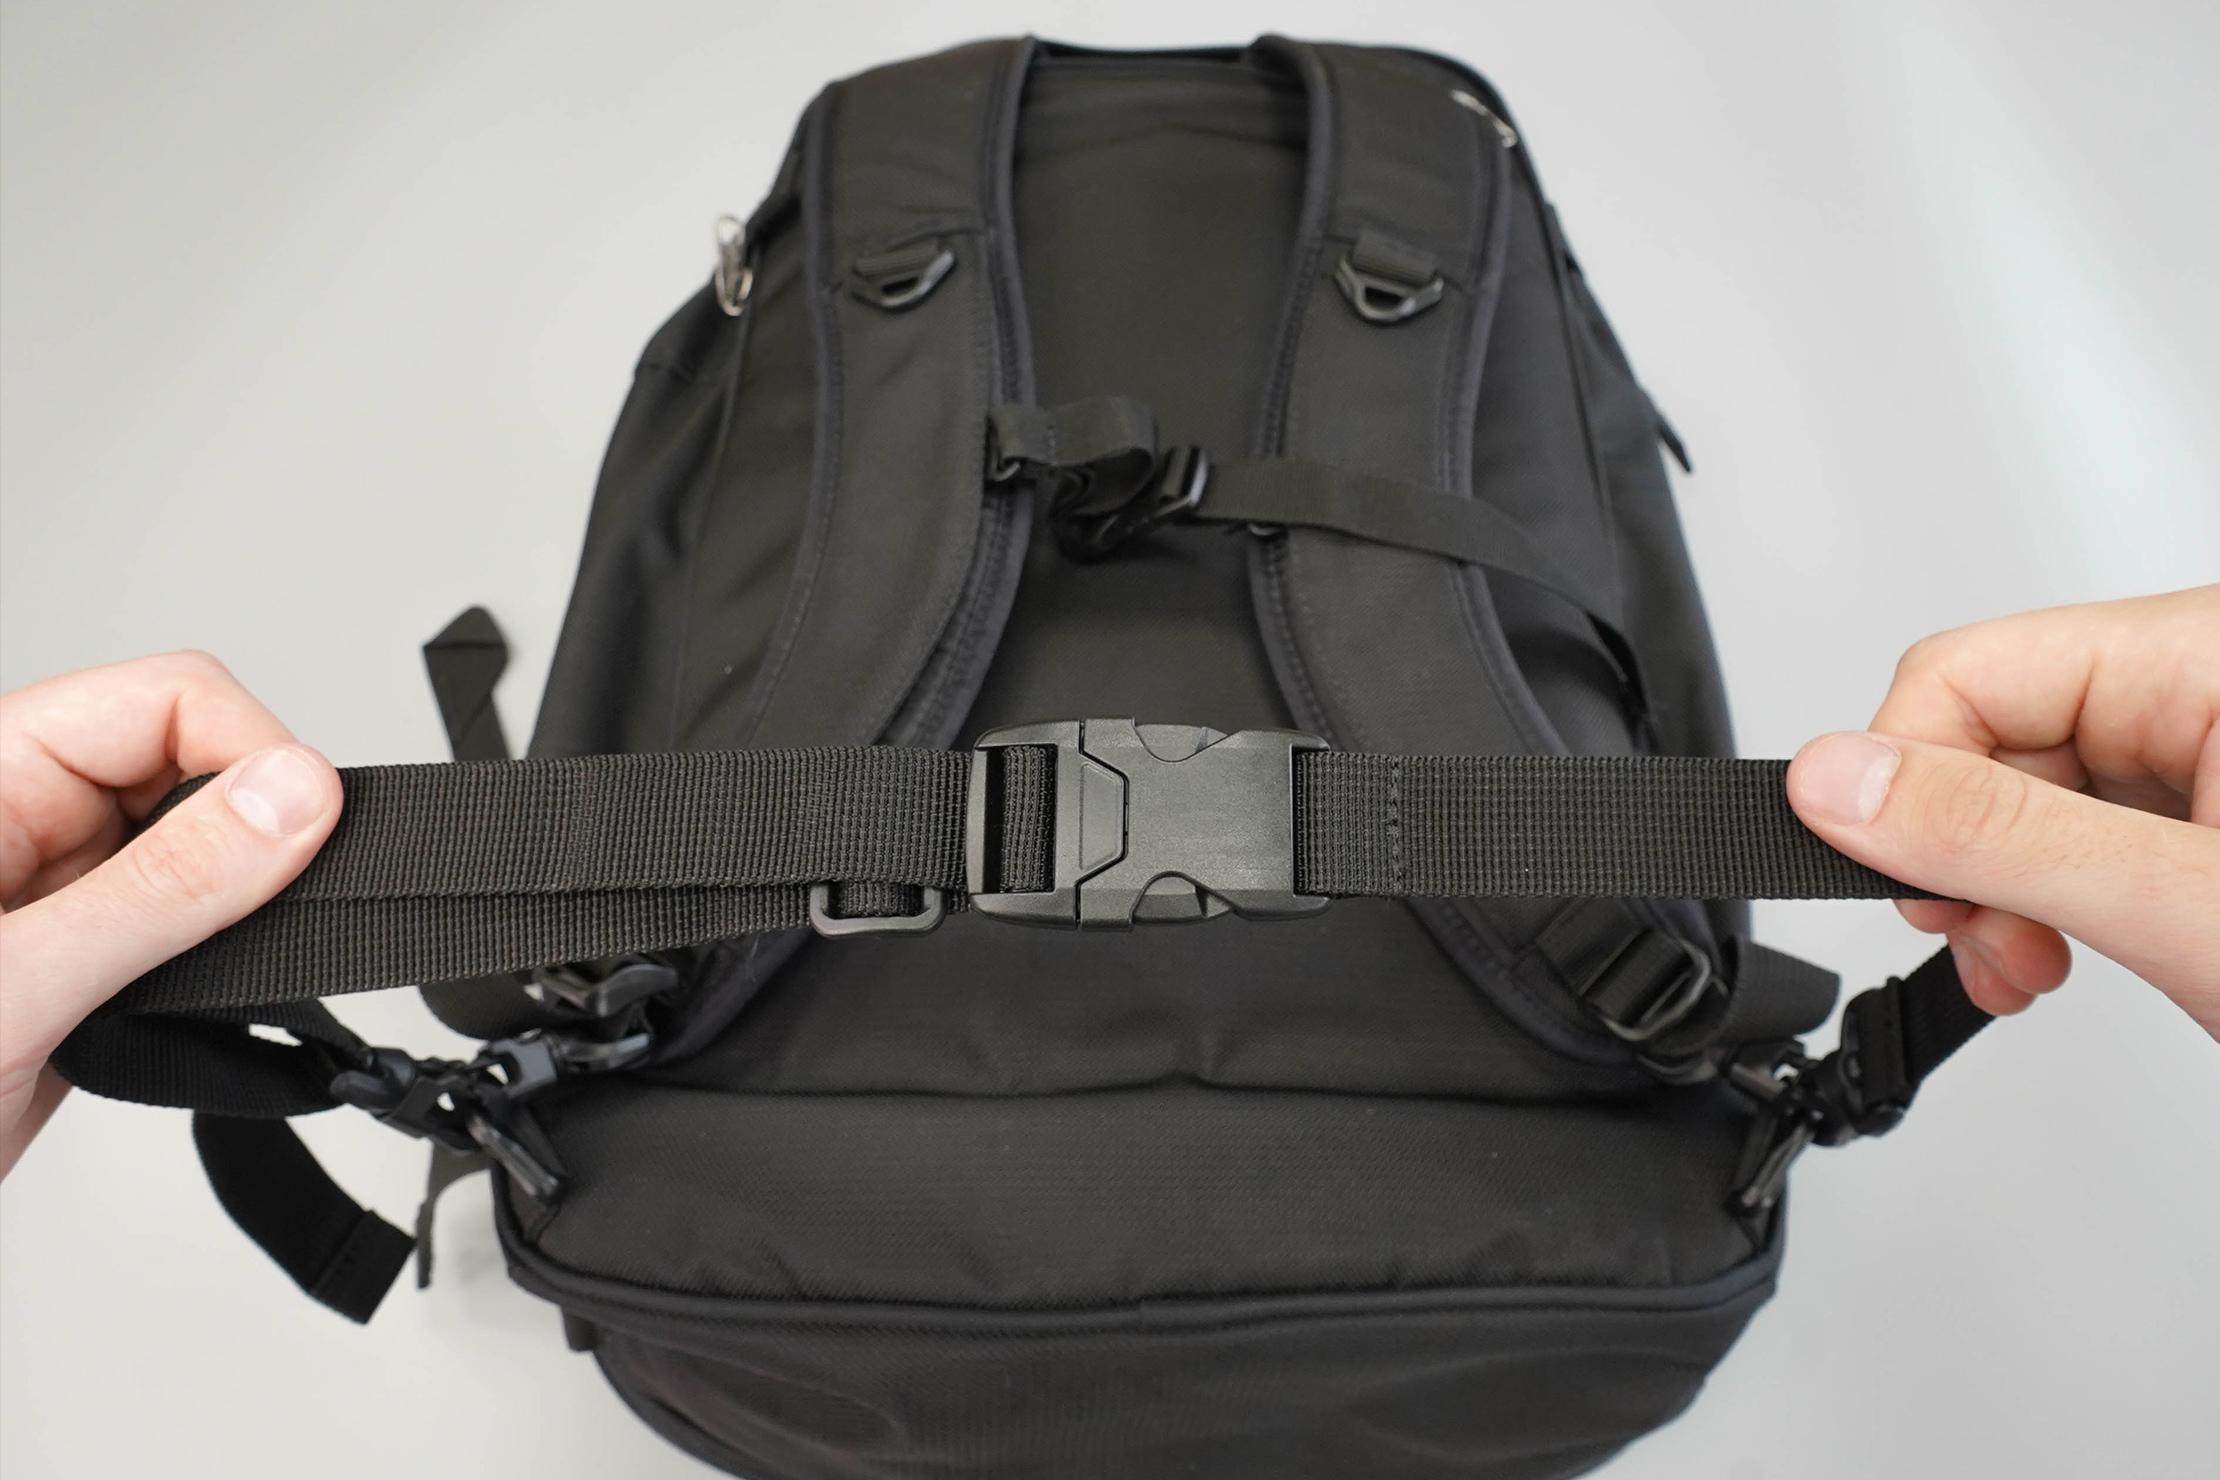 eBags TLS Mother Lode Weekender Convertible Hip Belt